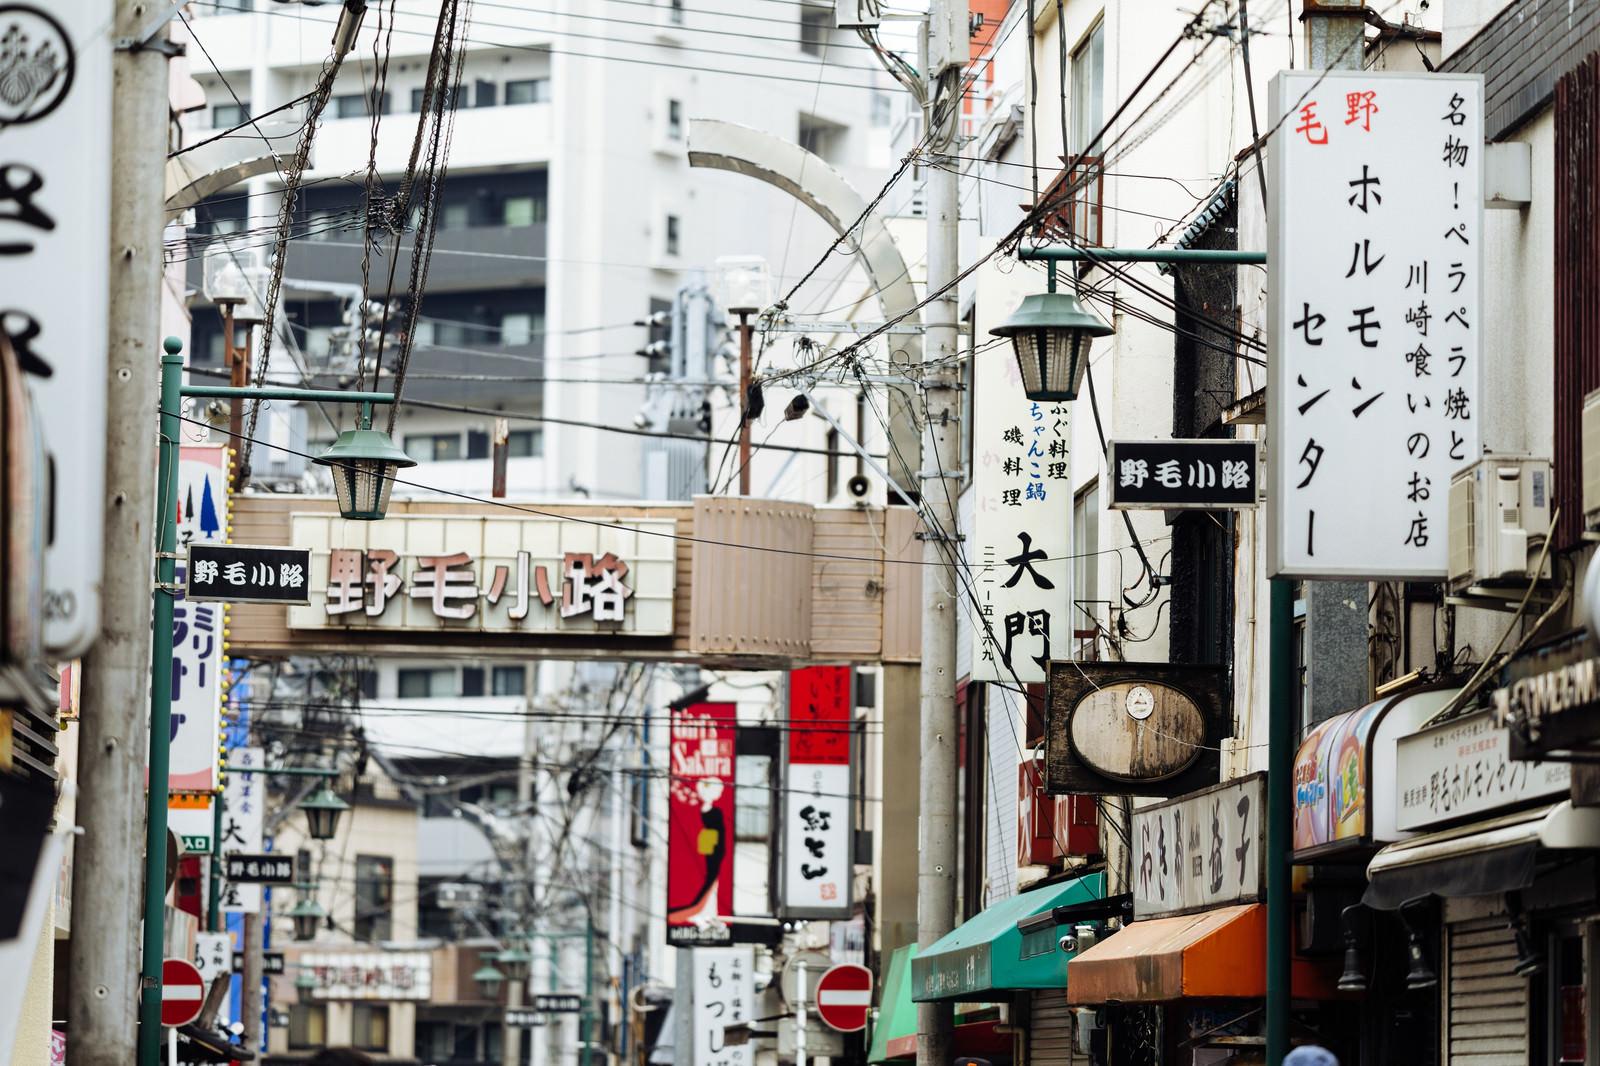 「名店が多い野毛小町(横浜)」の写真